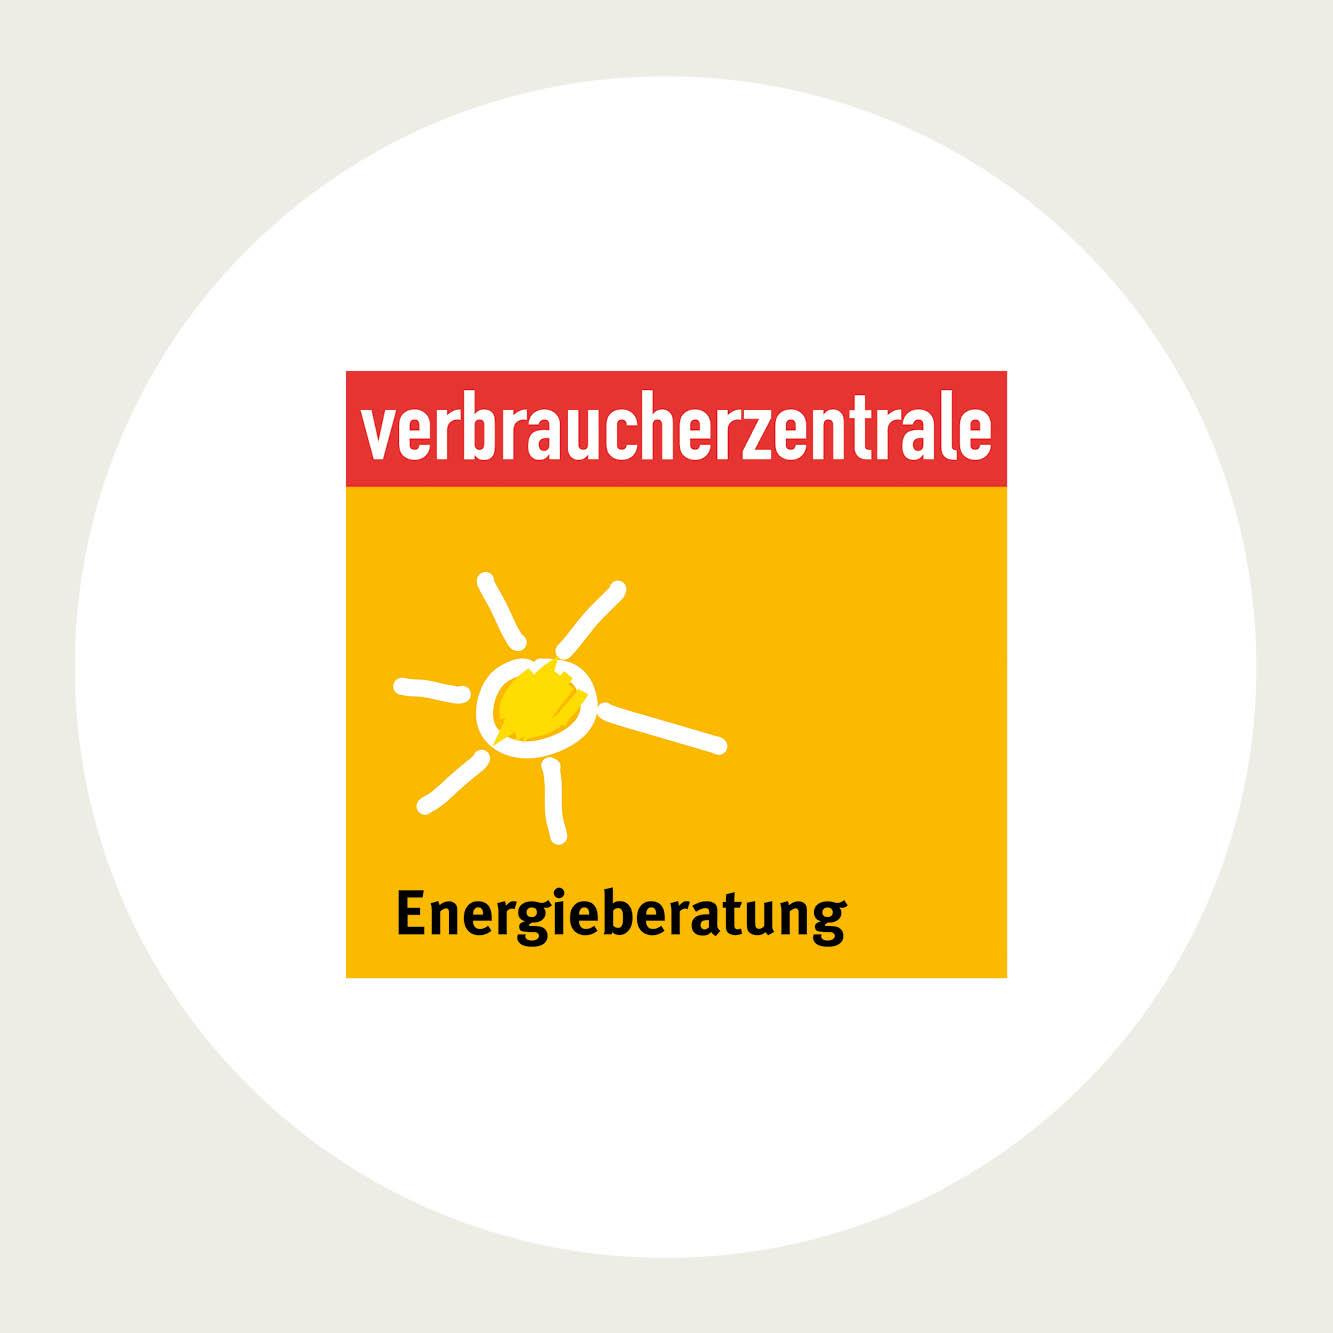 Logo VZ Energieberatung